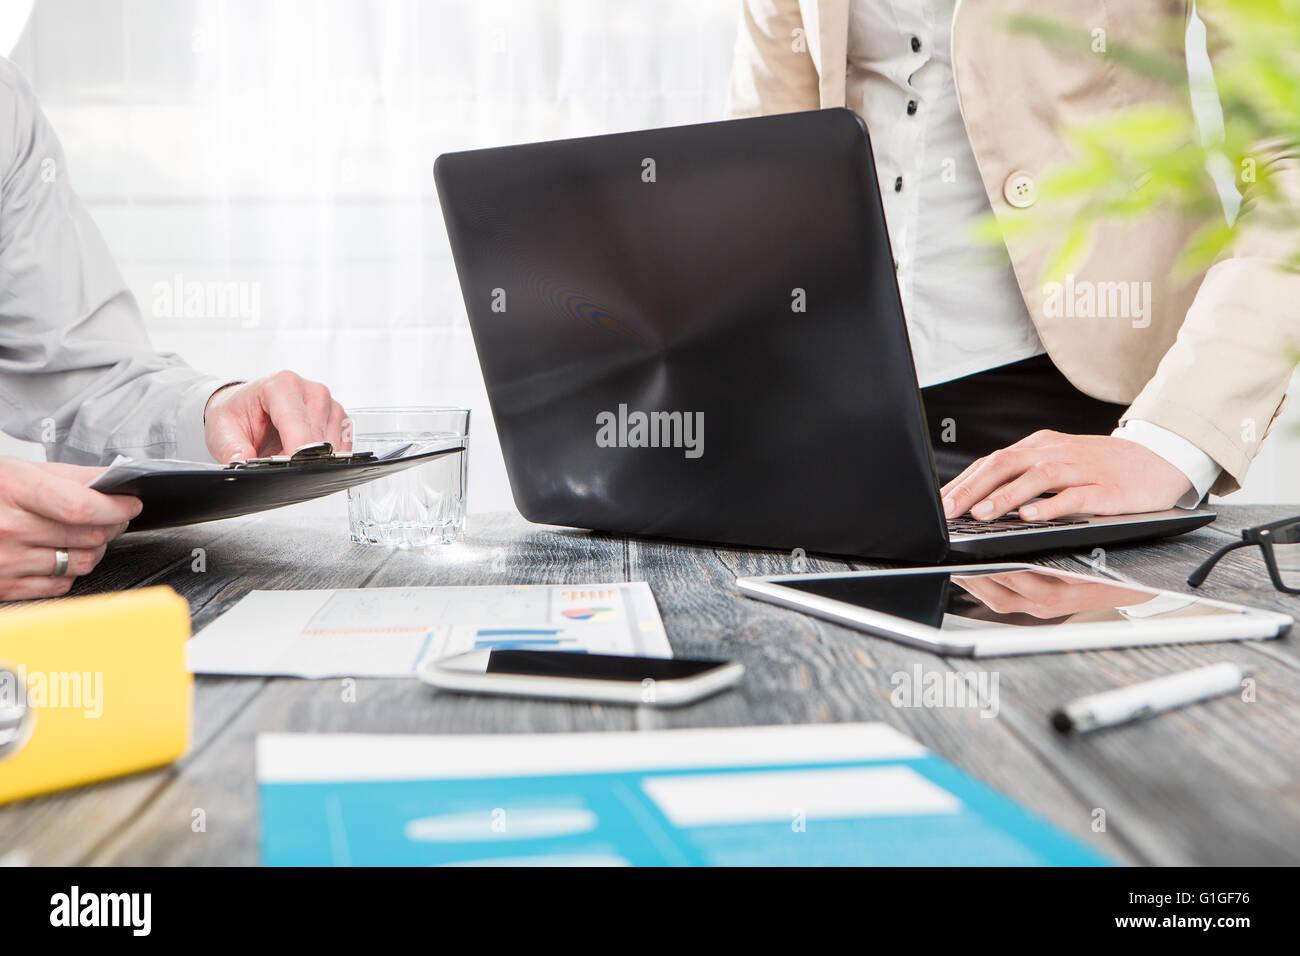 Pianificazione carriera business intenso lavoro sul posto di lavoro per laptop - immagine di stock Immagini Stock